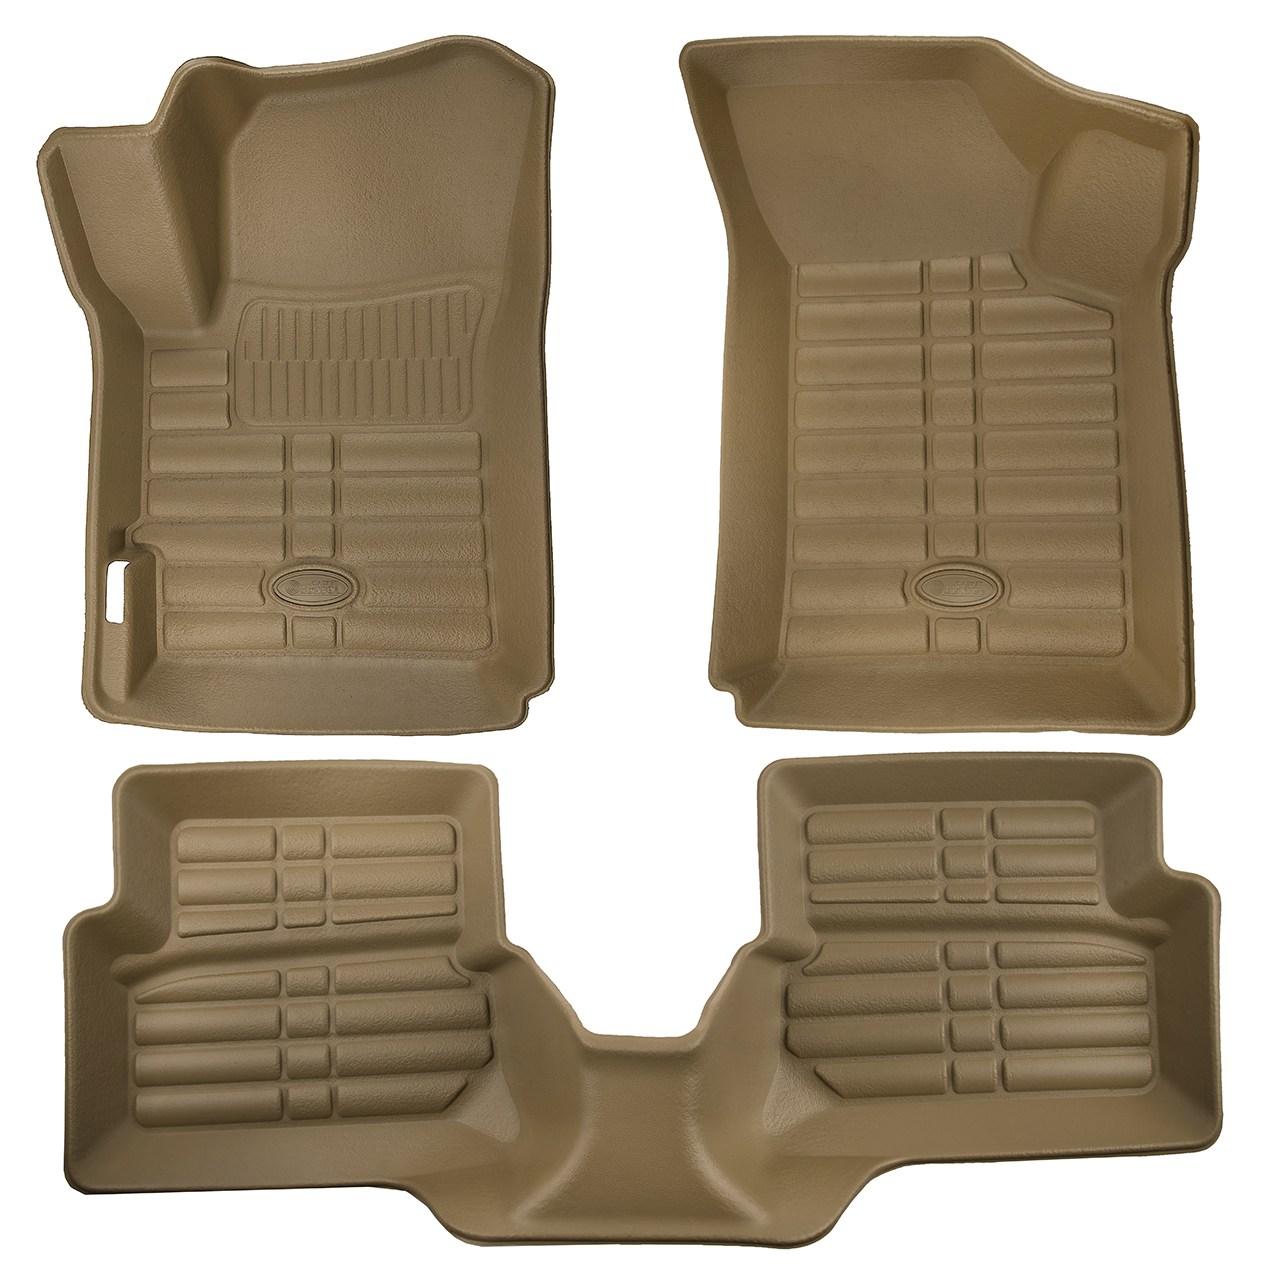 کفپوش سه بعدی خودرو بابل کارپت مناسب برای برلیانس H320